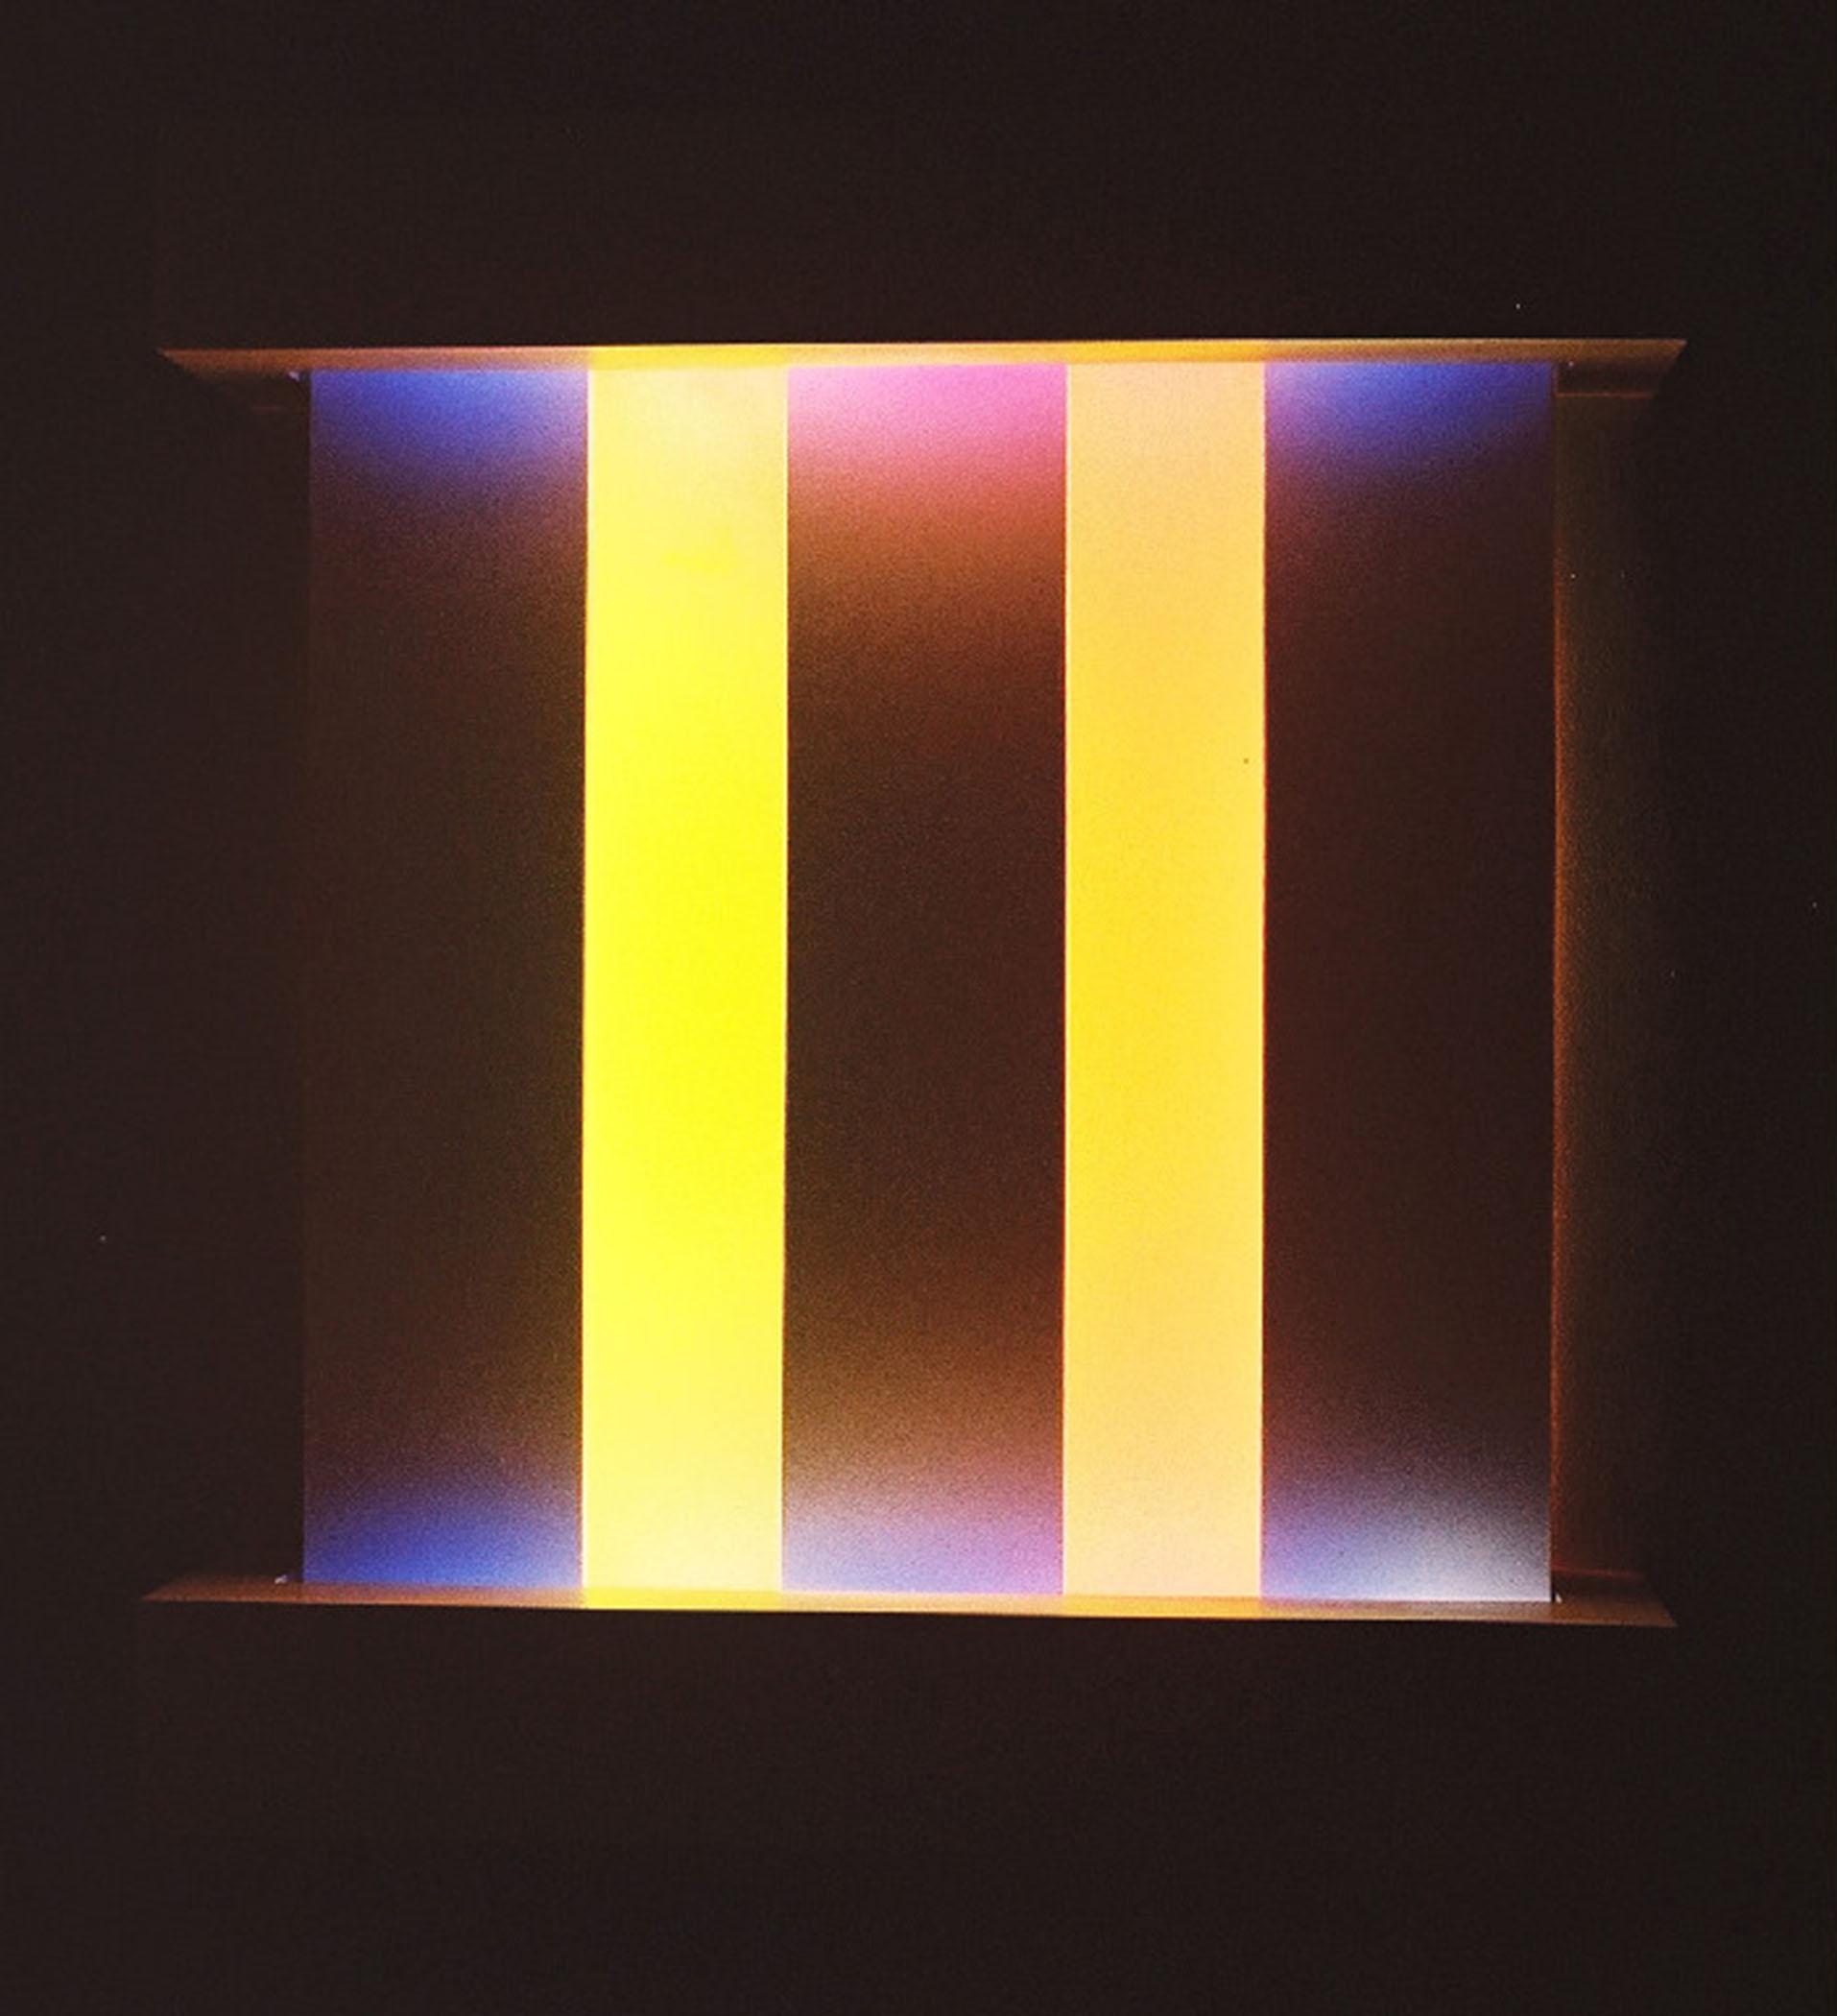 """Trap, 2010, (Light art/sculpture/installation: Fluorescent lights, wood, metal, acrylic paint), 29""""x26""""x7"""""""